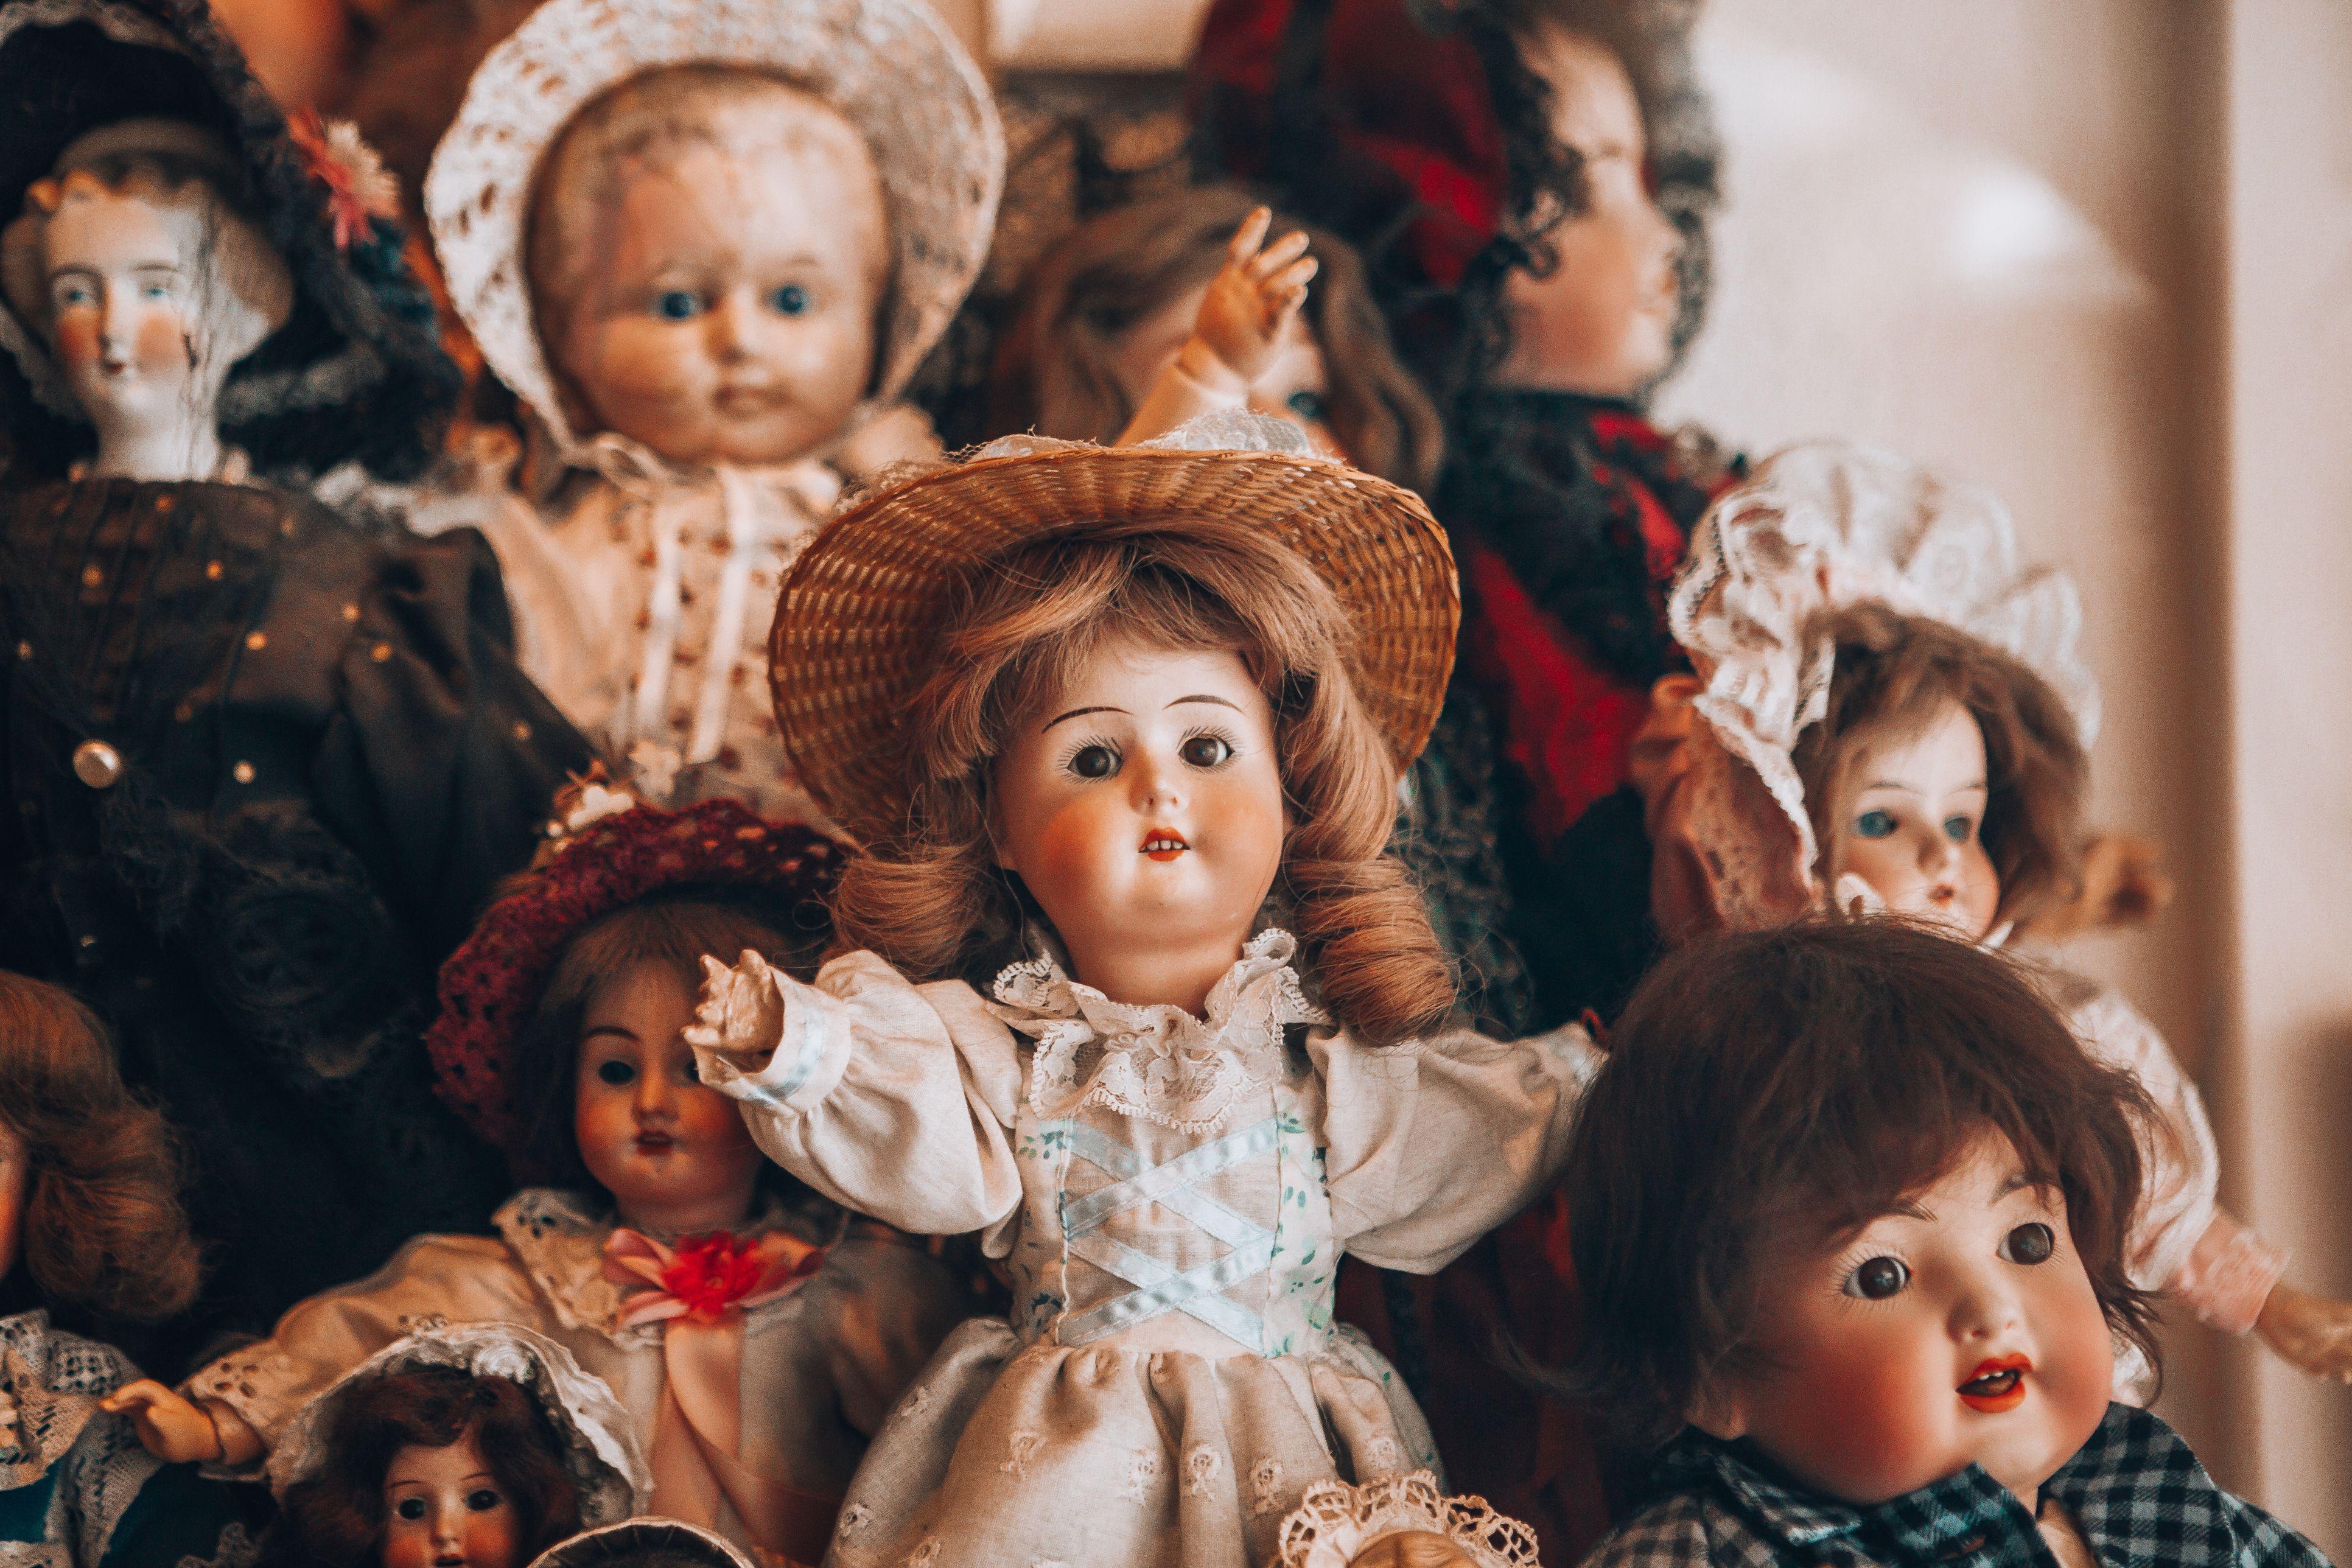 creepy vintage dolls